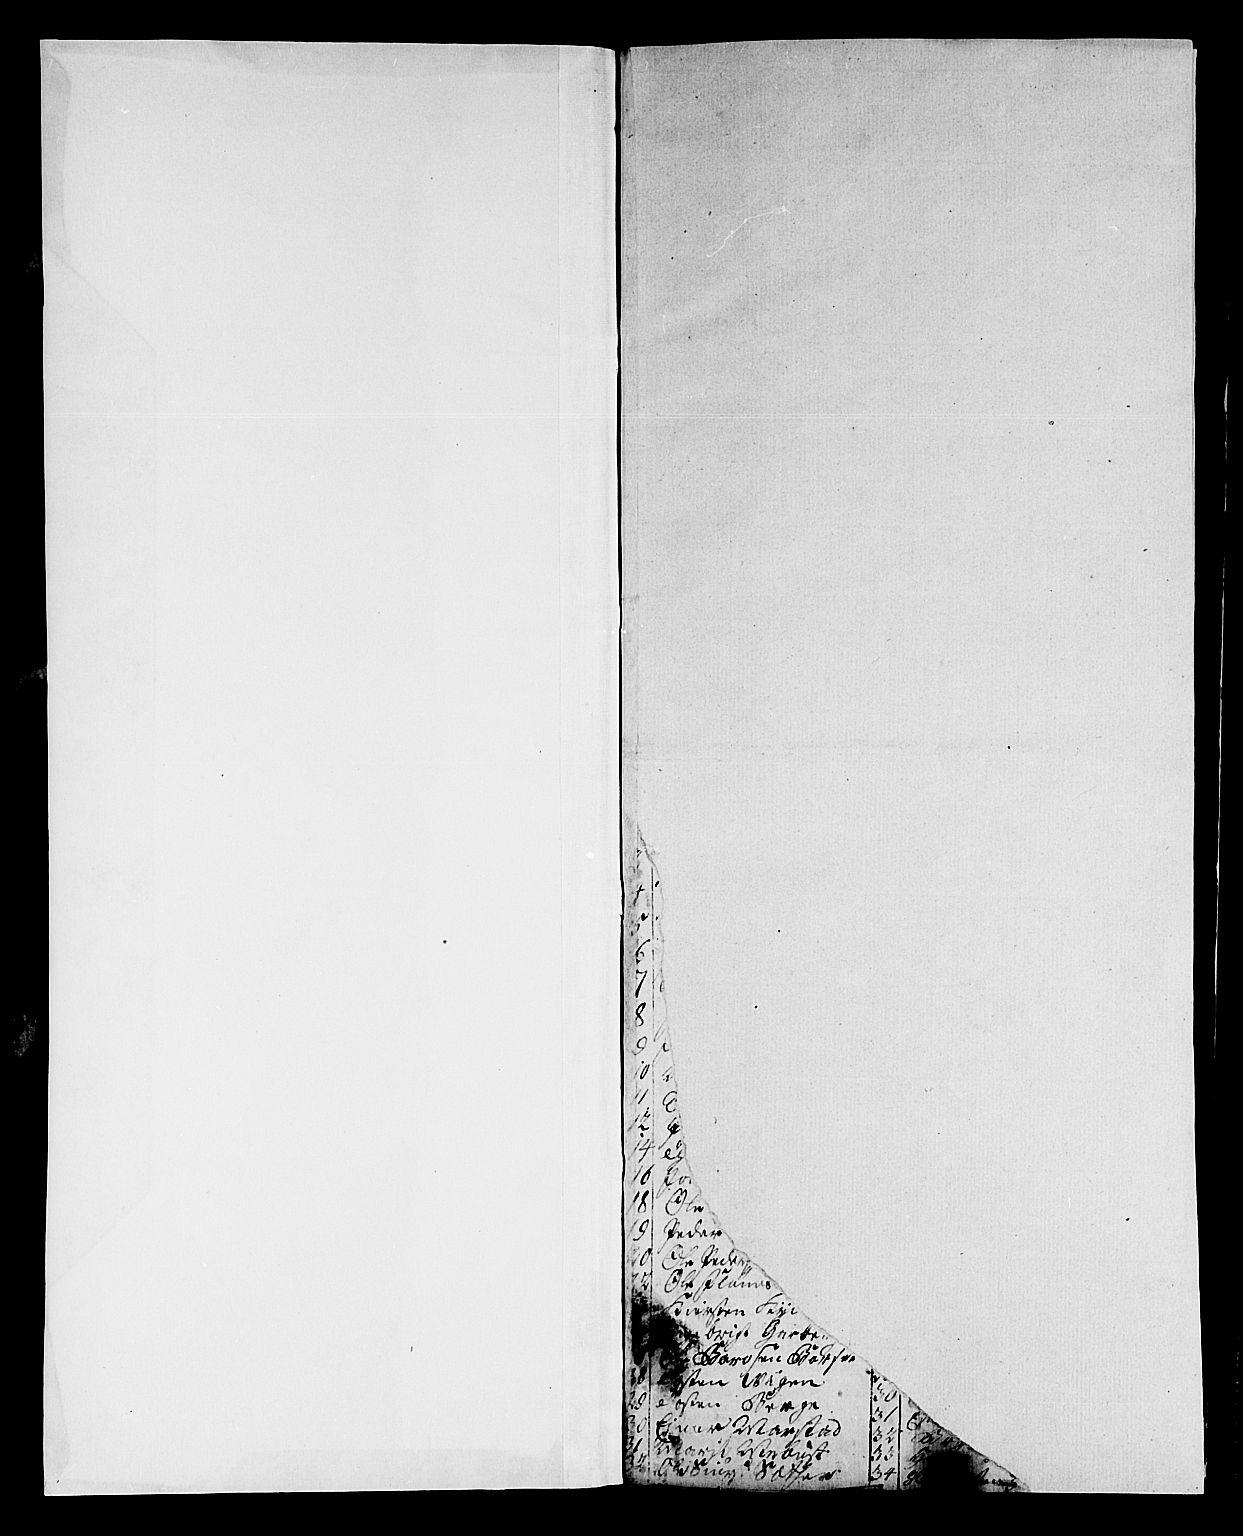 SAT, Ministerialprotokoller, klokkerbøker og fødselsregistre - Sør-Trøndelag, 695/L1151: Klokkerbok nr. 695C02, 1766-1776